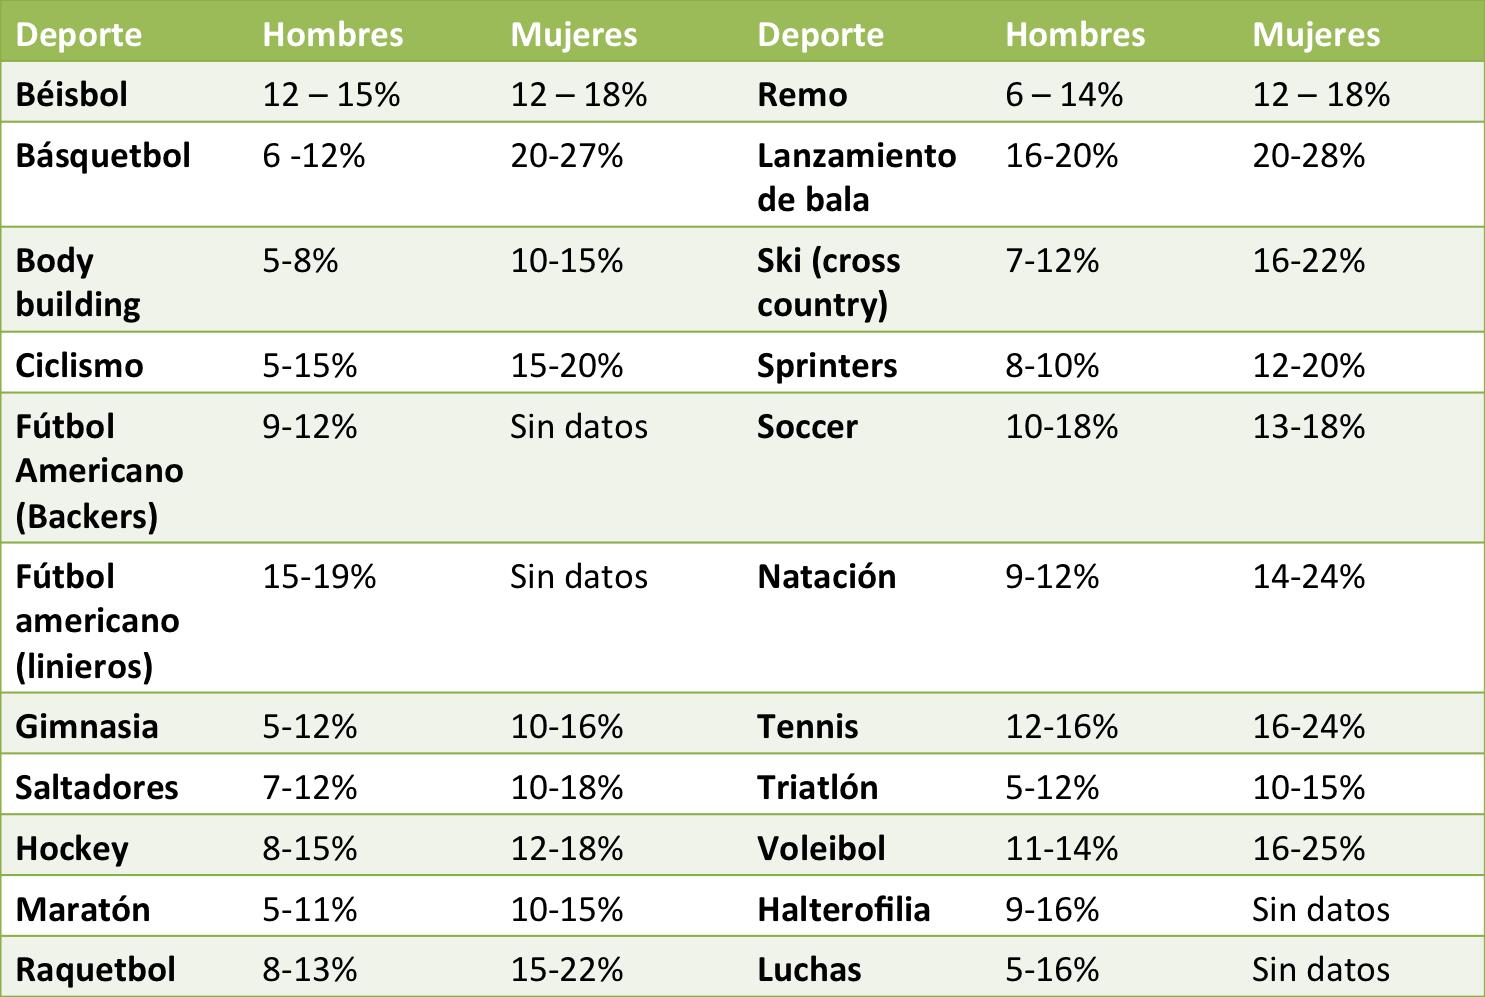 ¿Qué importancia e incidendia tienen estos datos en la práctica del ciclismo? Porcentaje-grasa-deporte